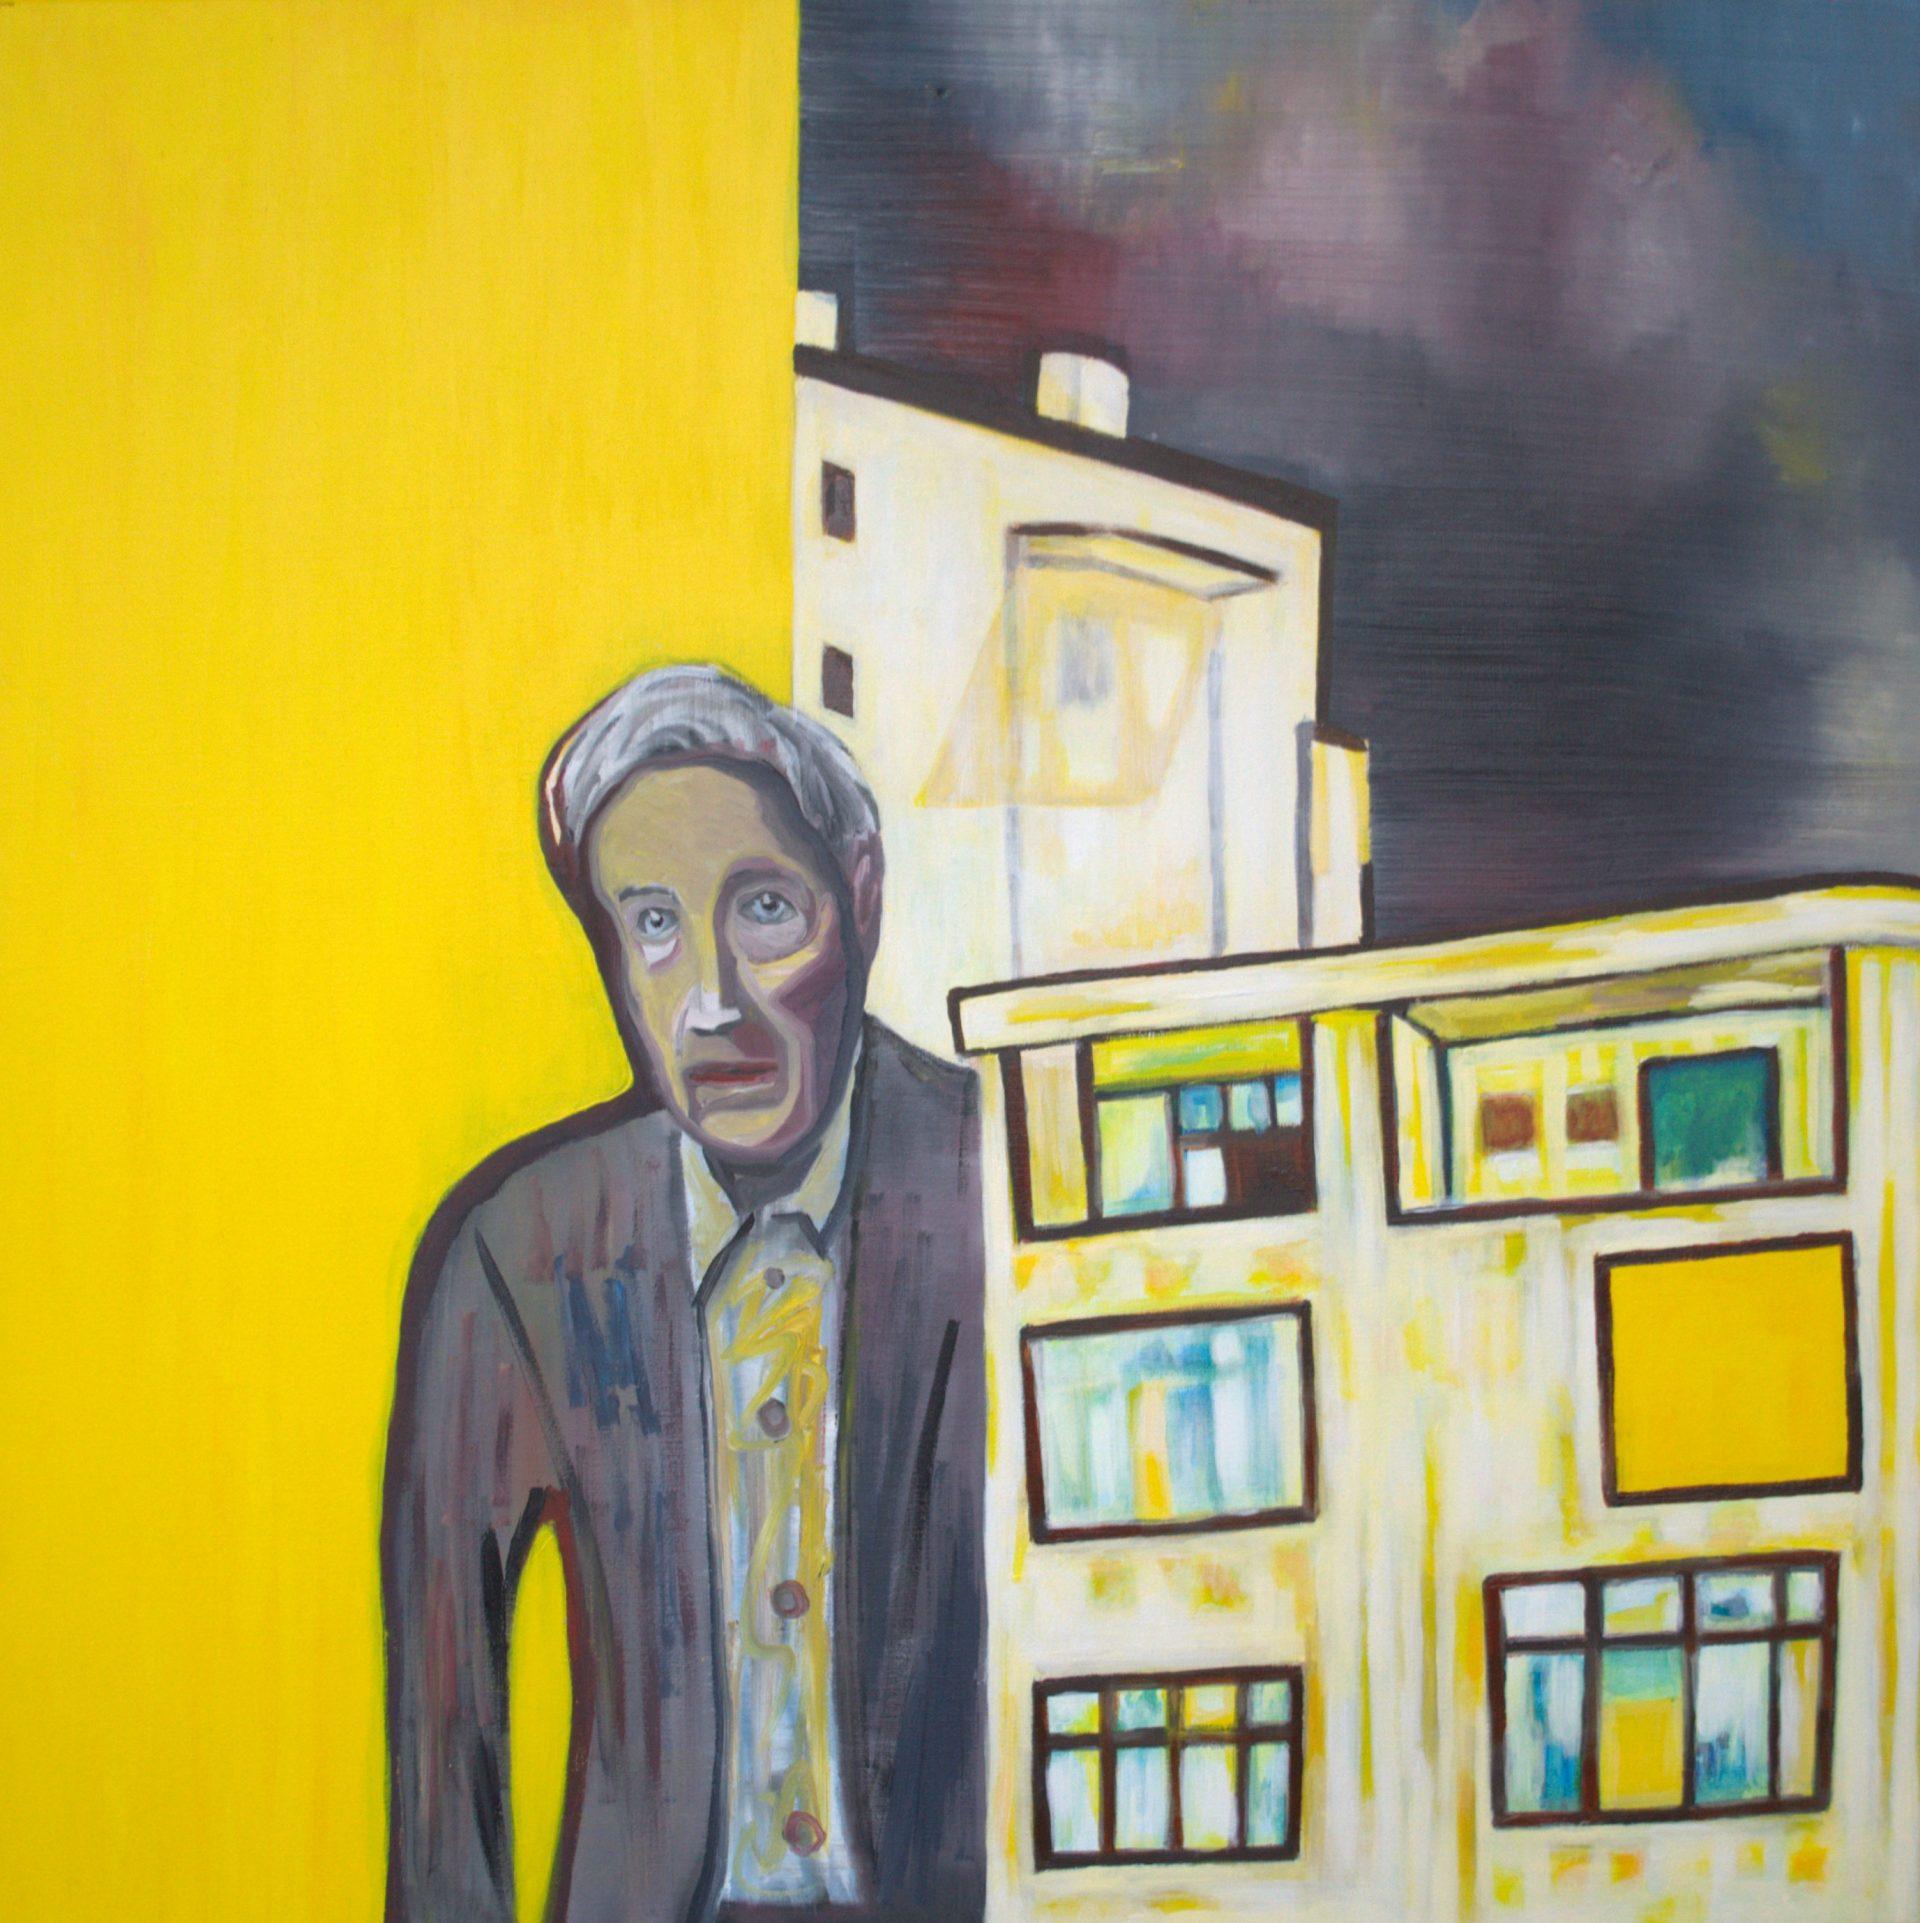 kunstenaar-utrecht-kunst-ltuziam-l-tuziasm-schilderij-art-artist-painting-urban-landscape-city- Bram Boomgaardt After